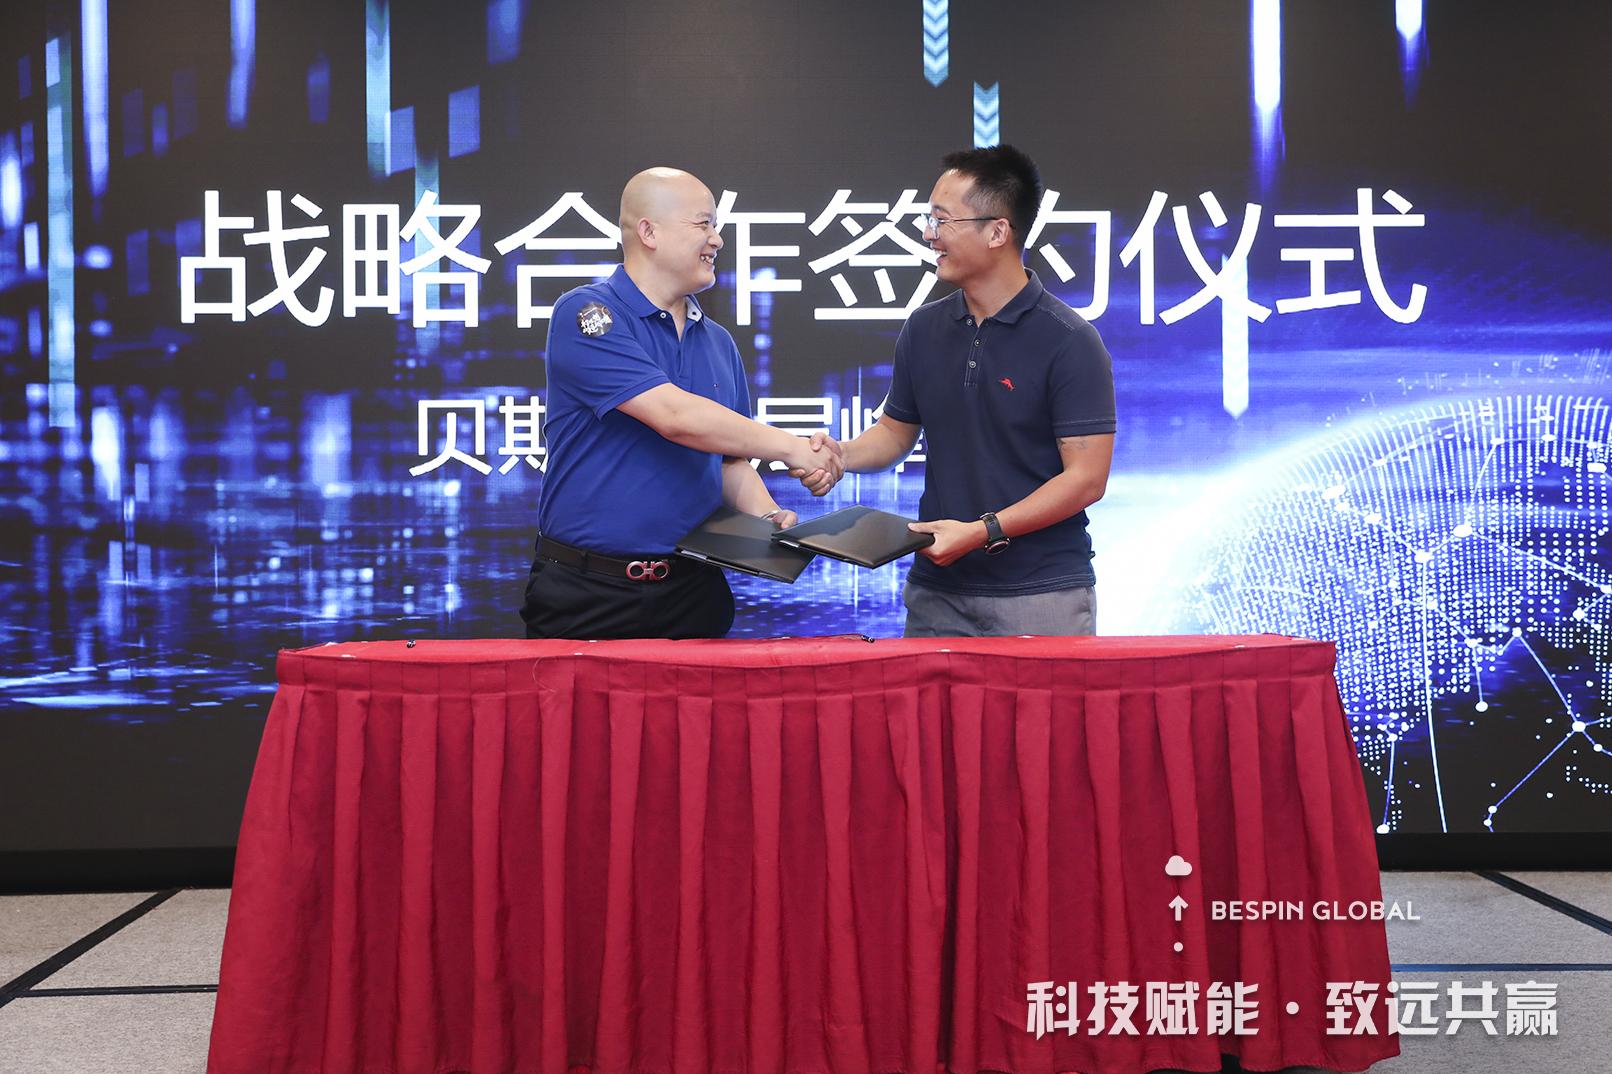 贝斯平行业科技创新峰会引爆IDC圈,全新IDC混合云管理方案OpsNow Galaxy重磅发布